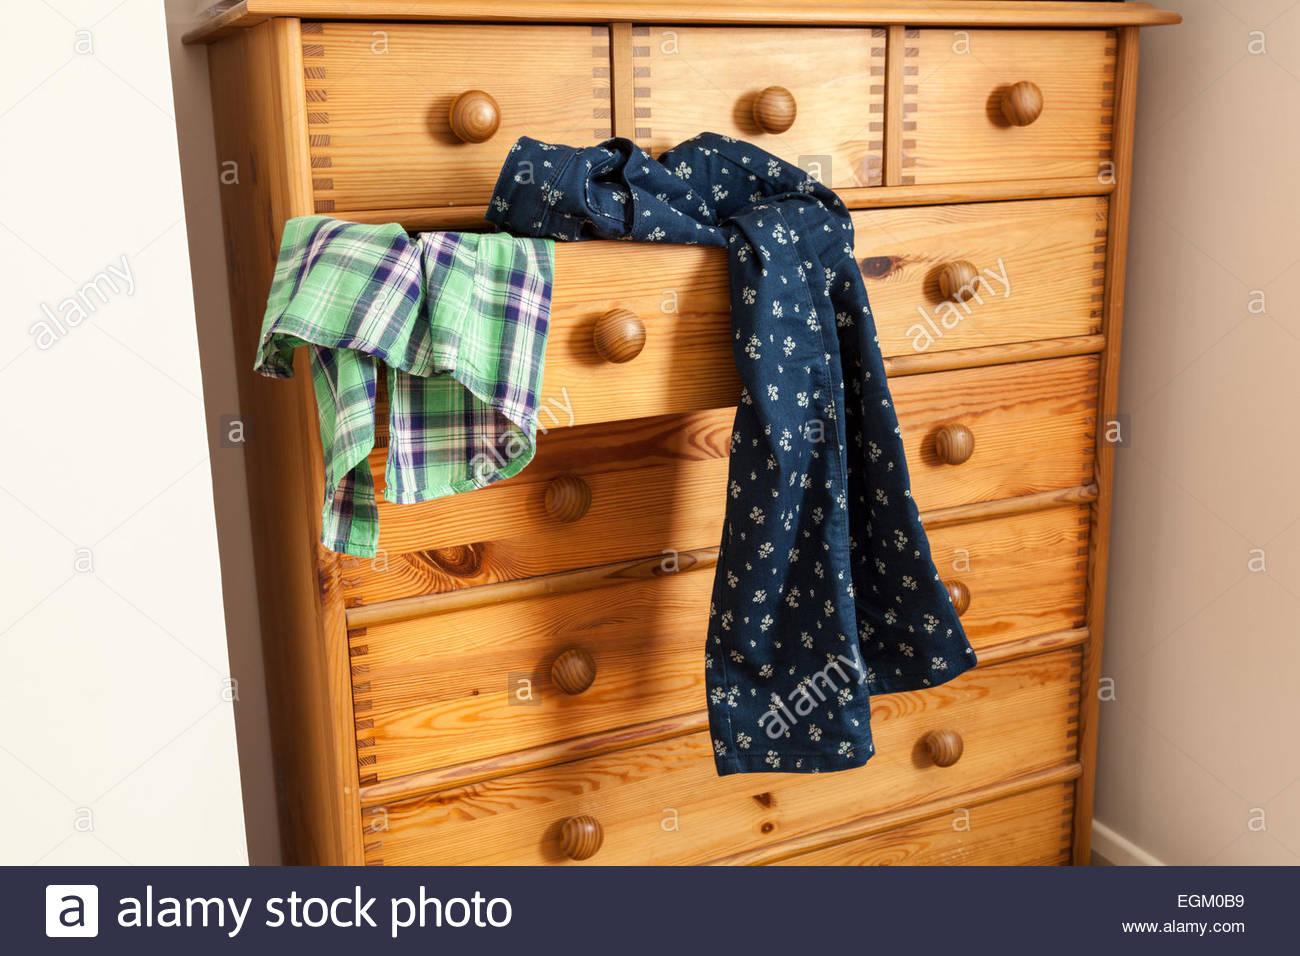 N'ouvrir le tiroir avec des vêtements spilling out Photo Stock